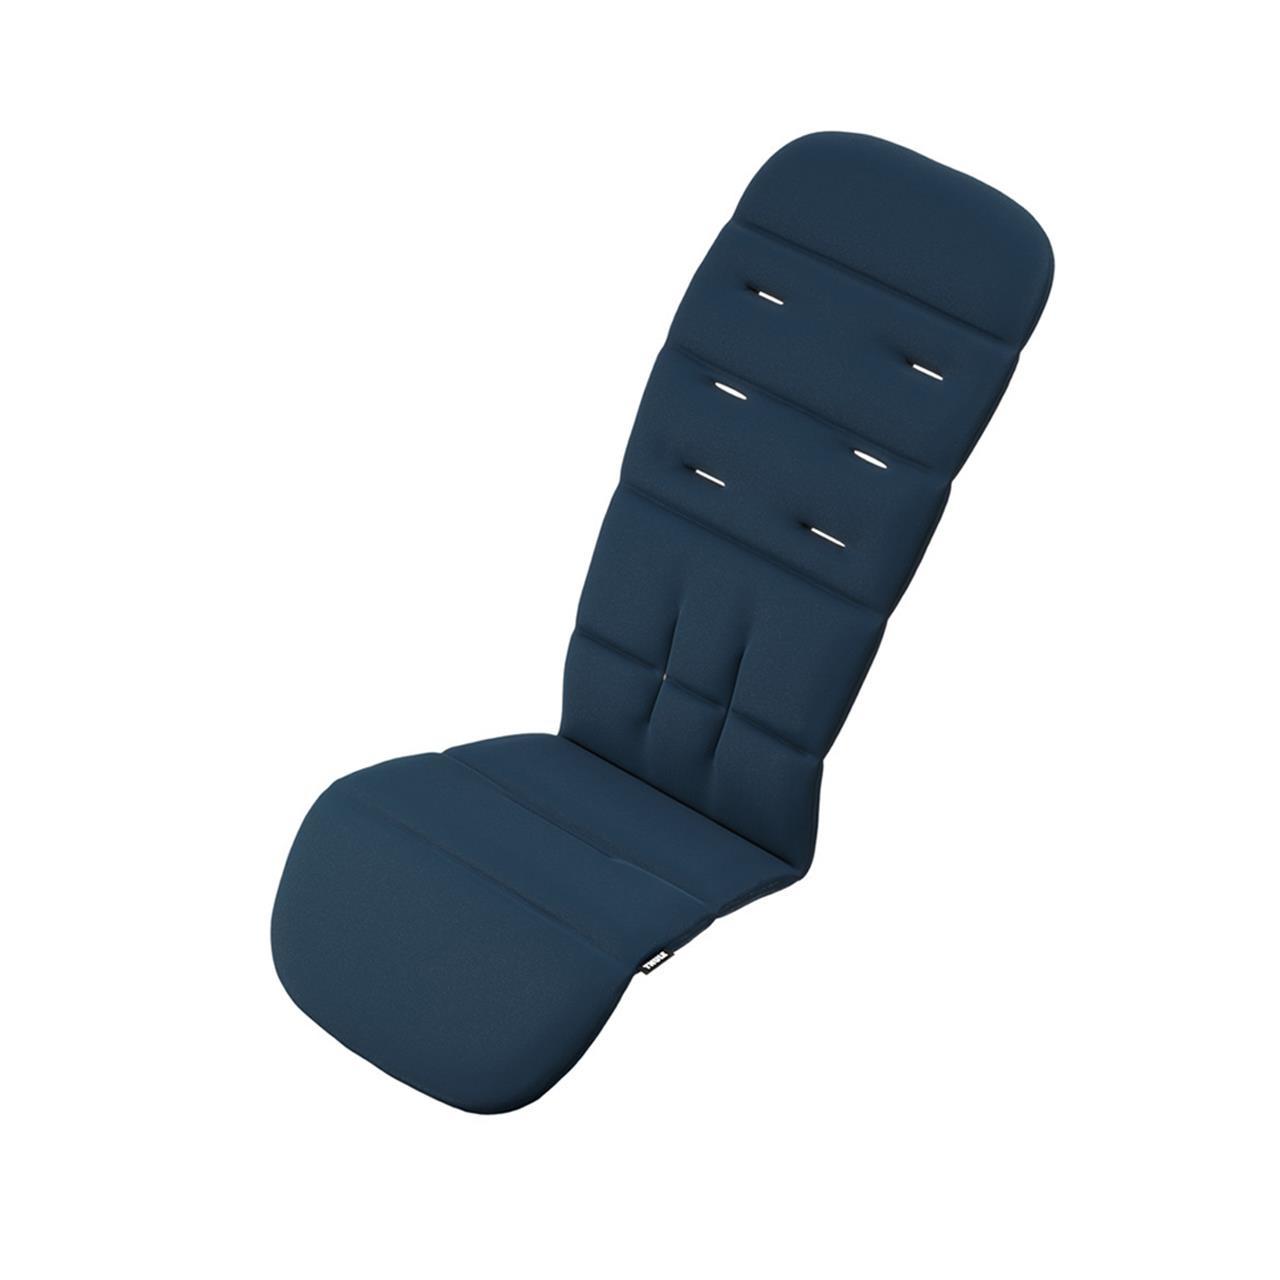 Accesoriu Thule Seat Liner - captuseala pentru scaun carucior Thule Sleek si Thule Spring - Majolica Blue imagine